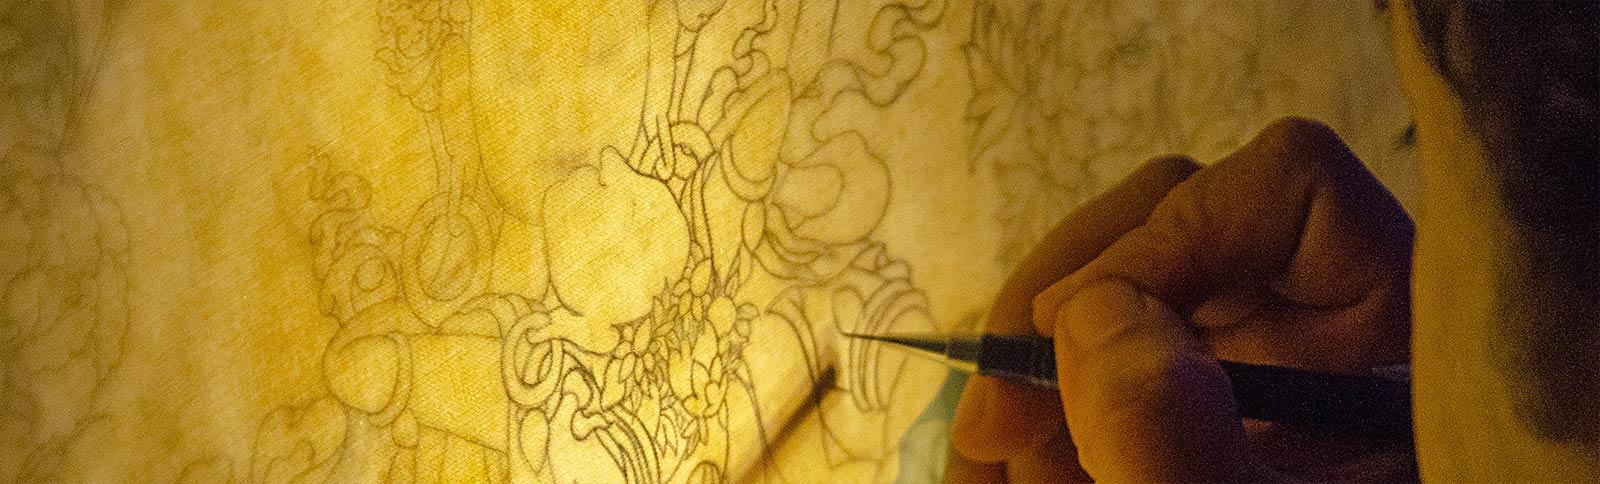 Painter Sketching